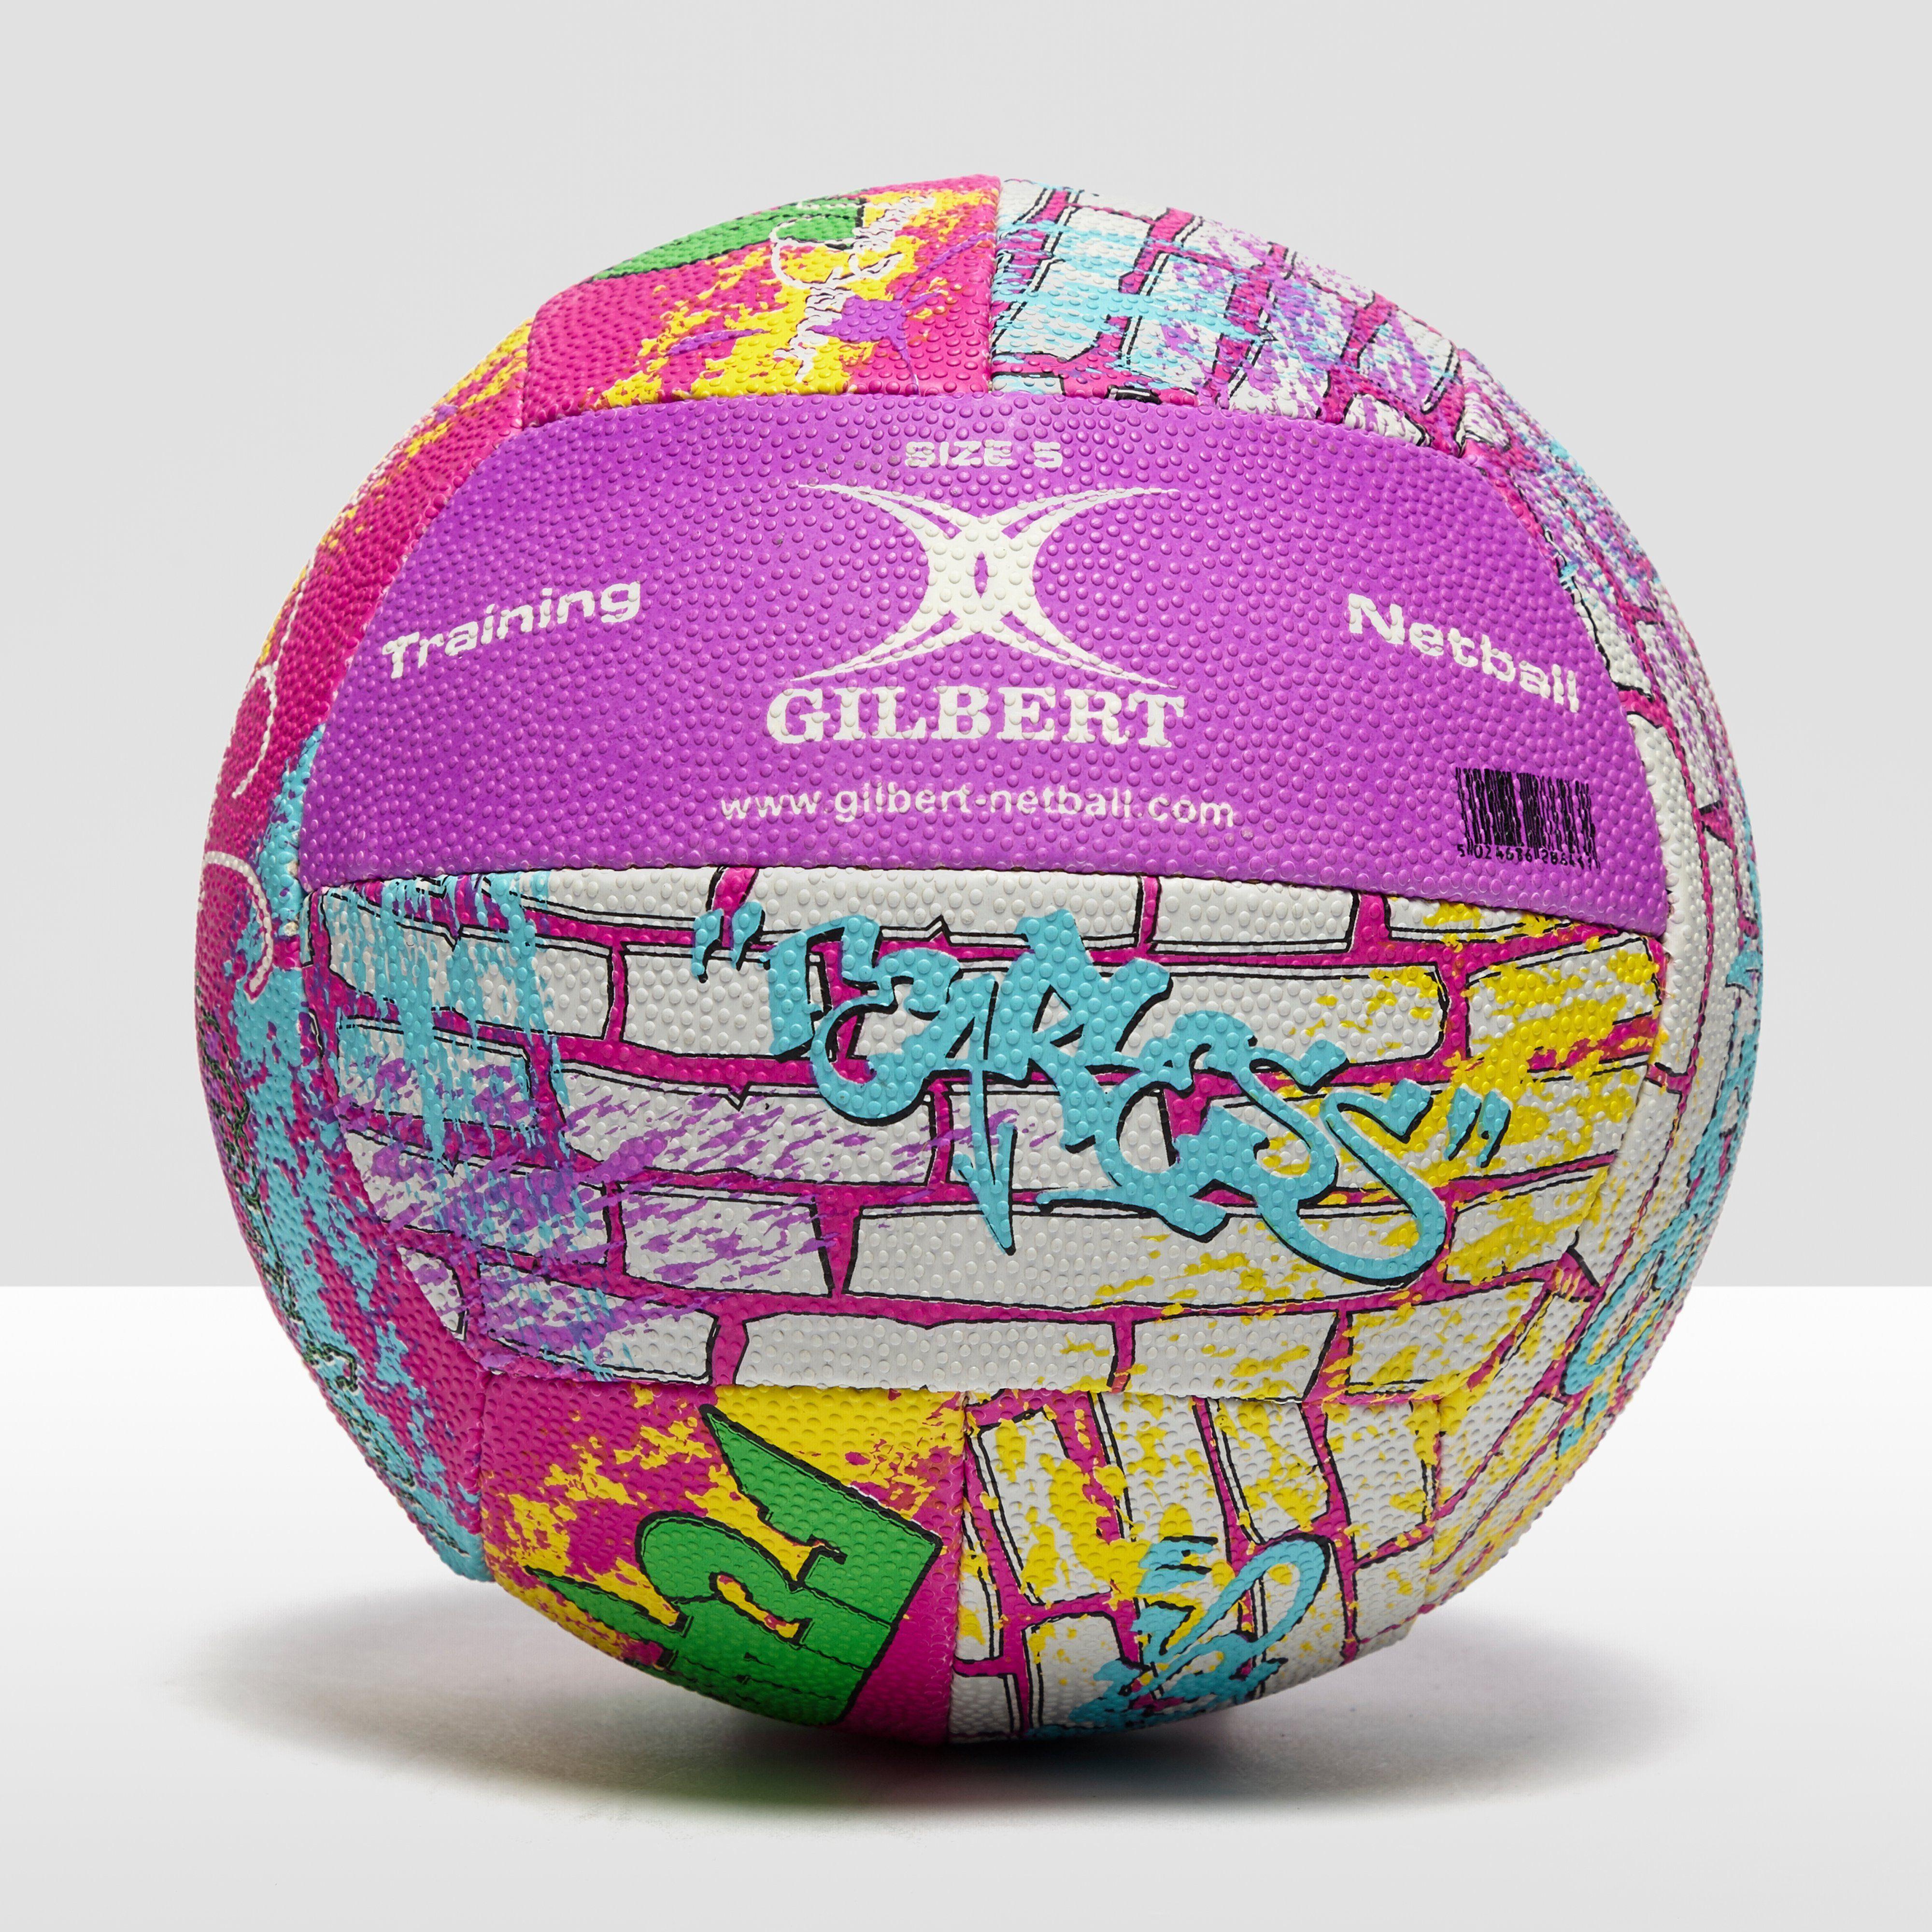 Gilbert George Fisher Signature Training Netball